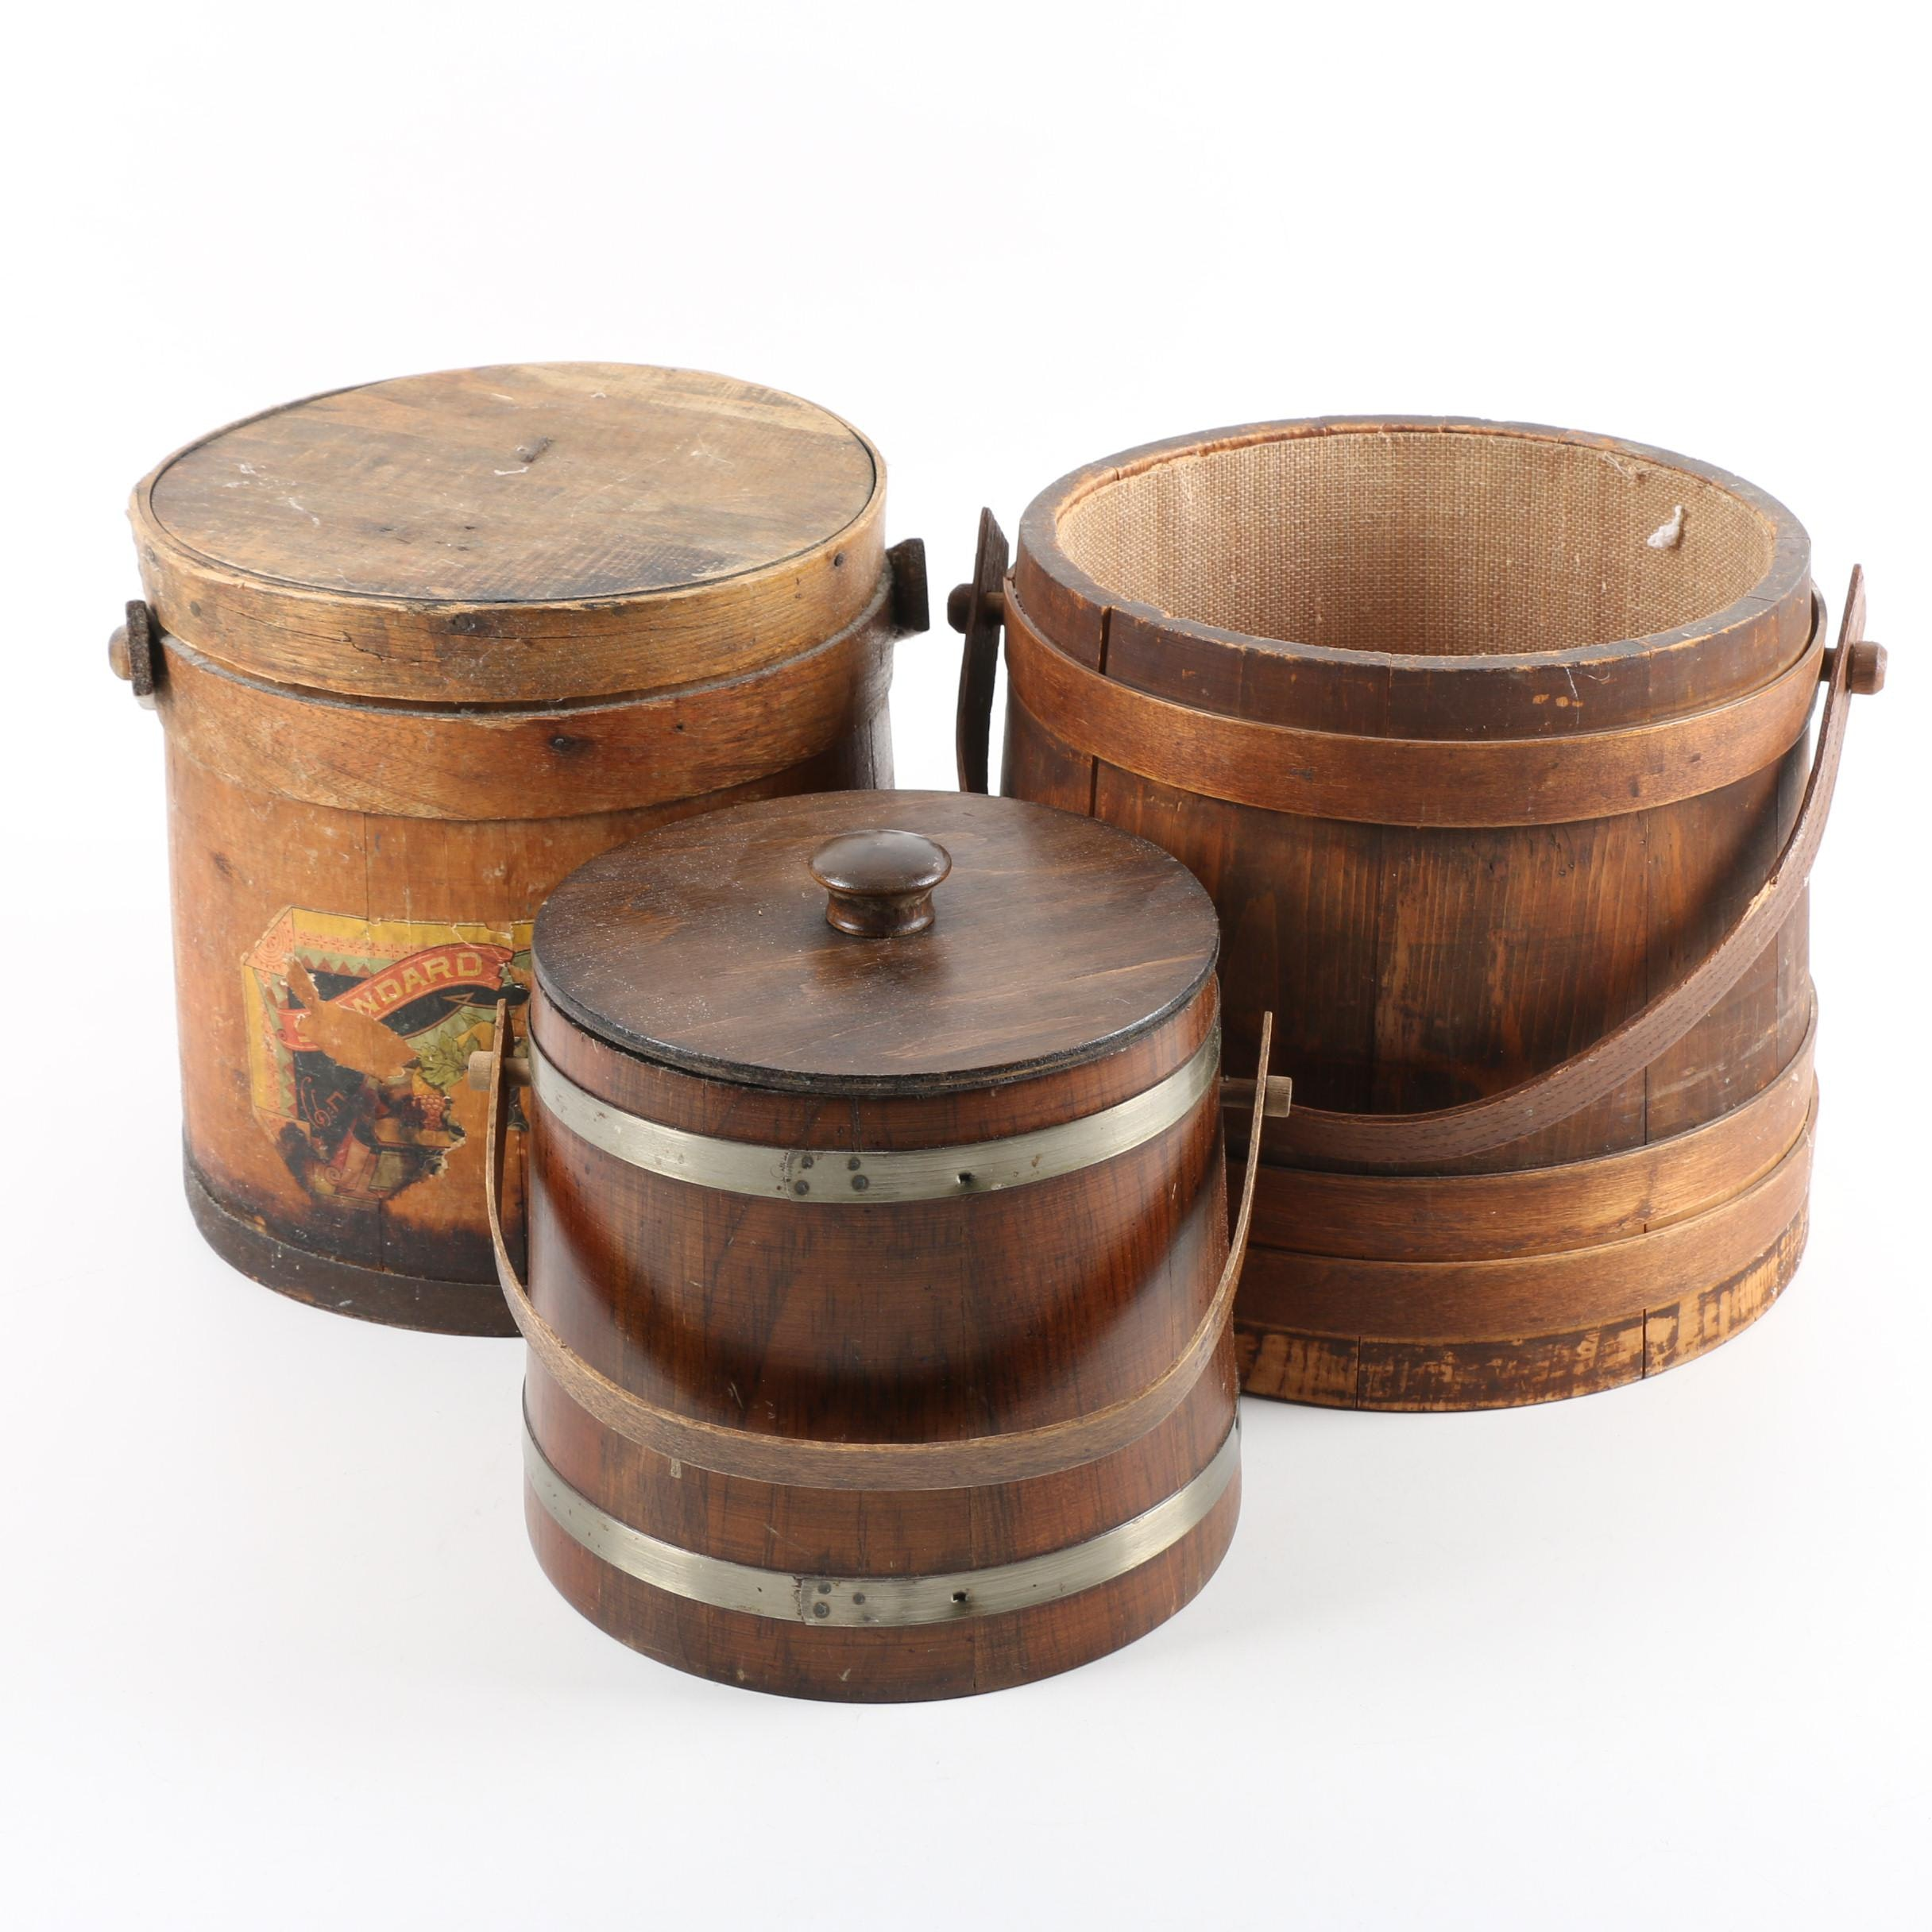 Vintage Wooden Firkin Sugar Buckets